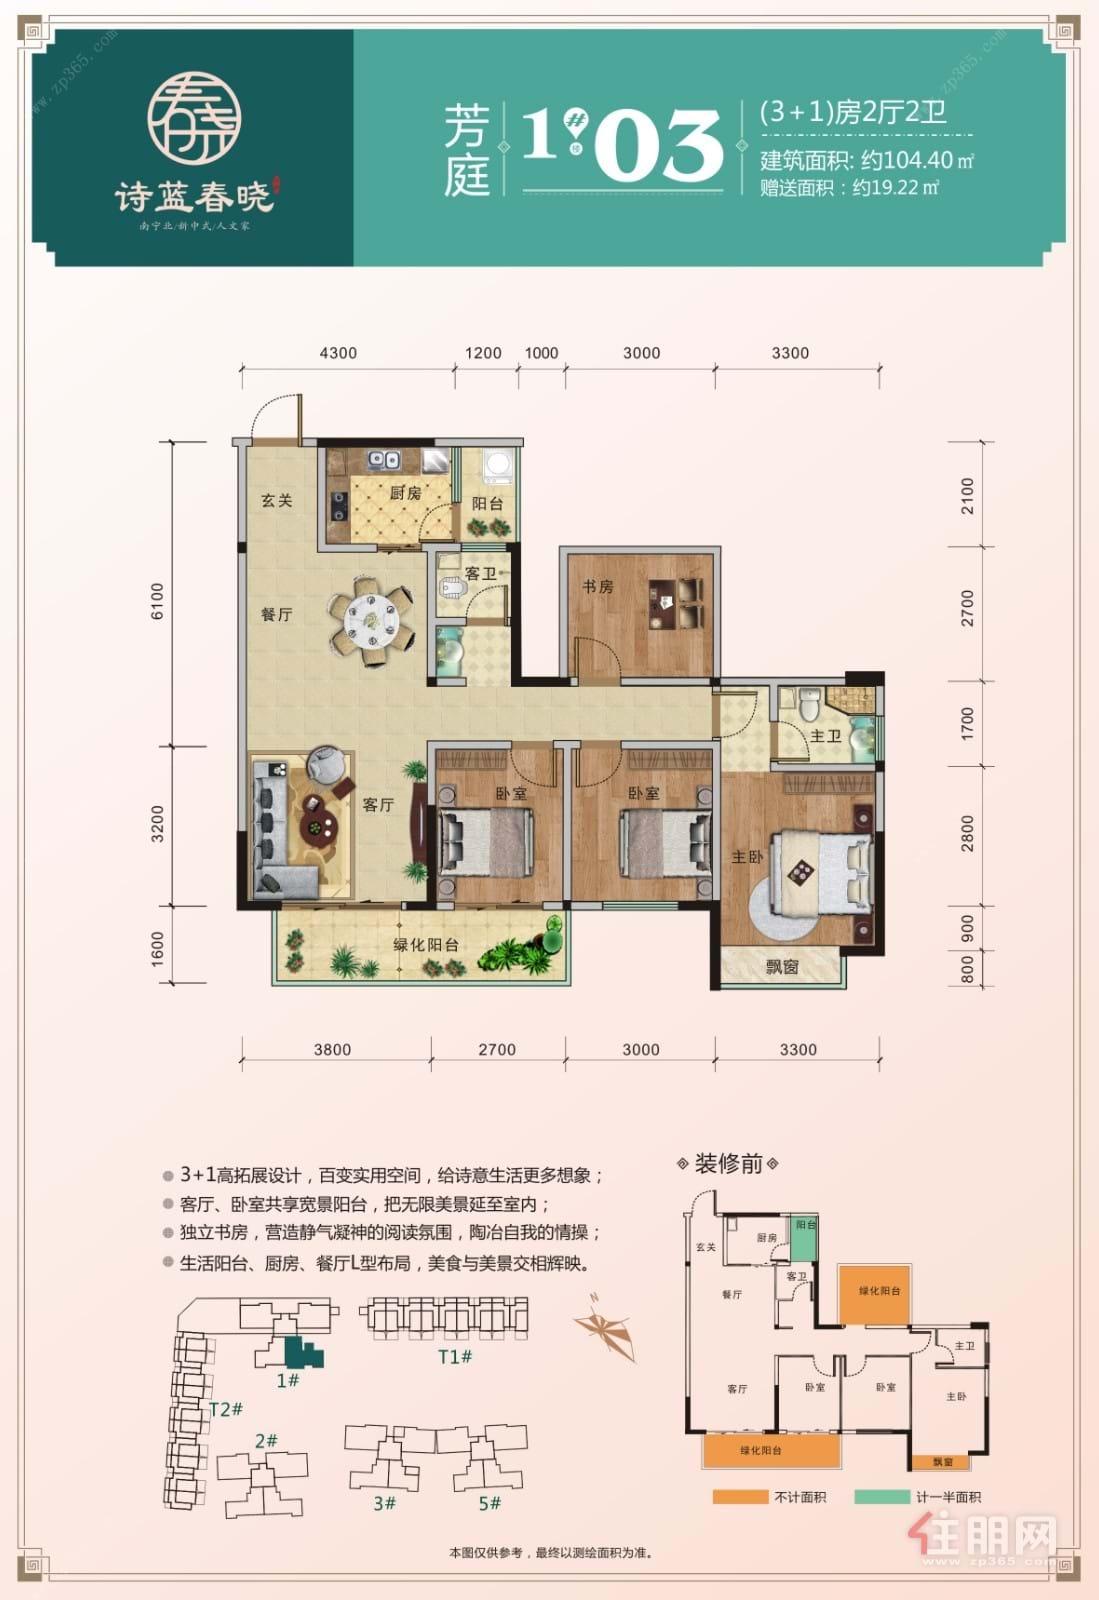 诗蓝春晓1#03 104㎡|4室2厅2卫1厨2阳台